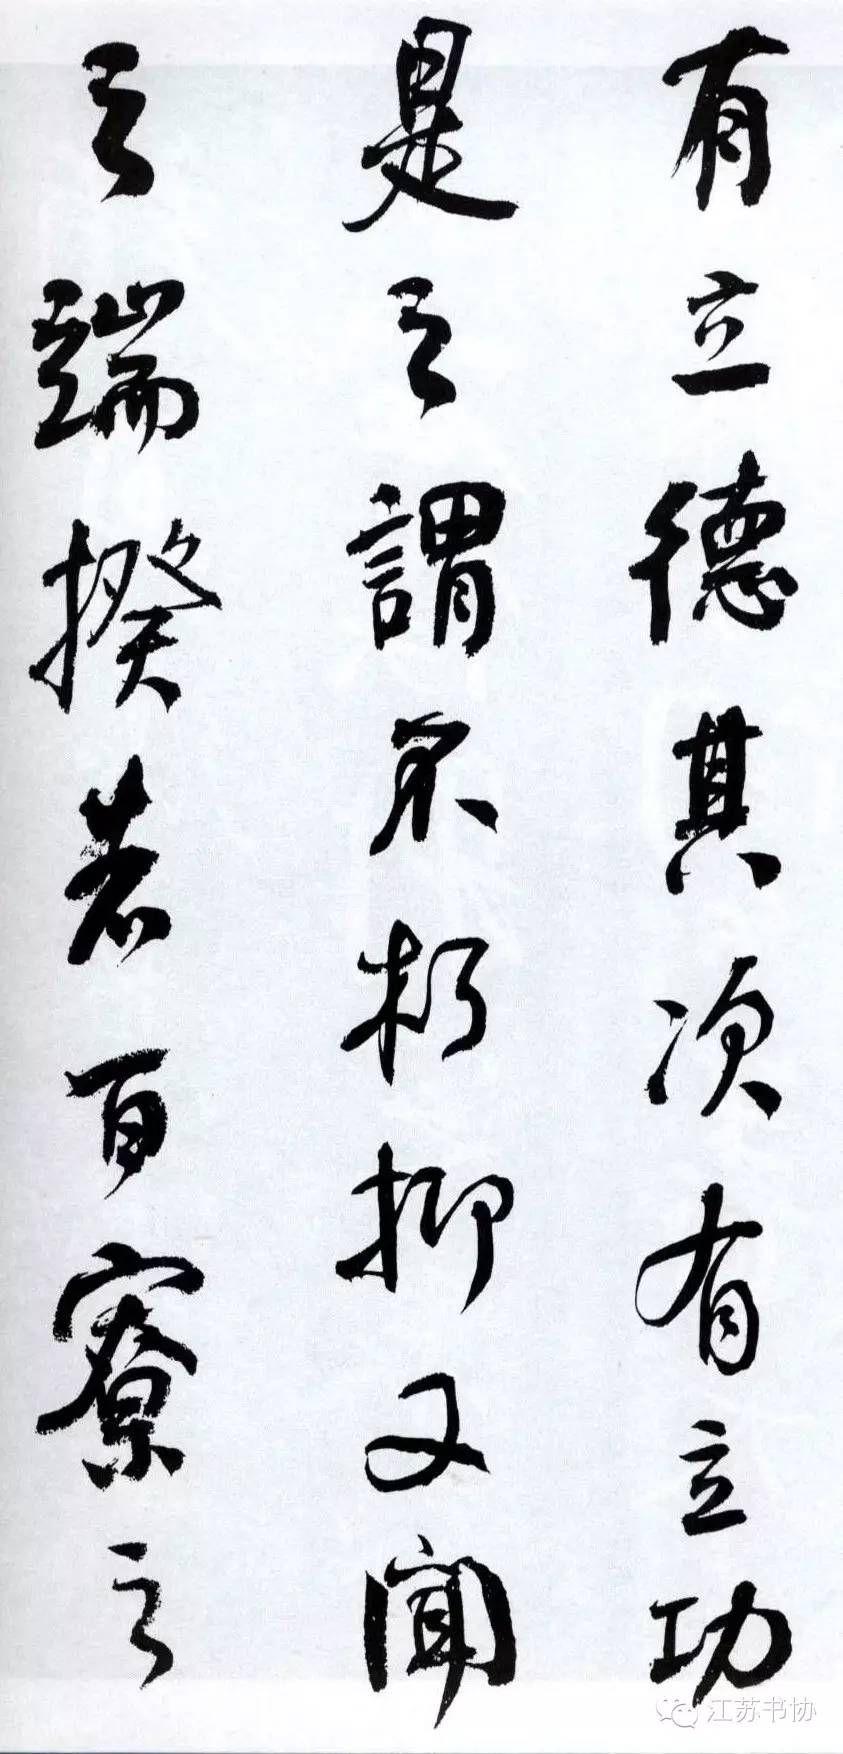 重温经典丨何绍基临《颜真卿争座位帖》